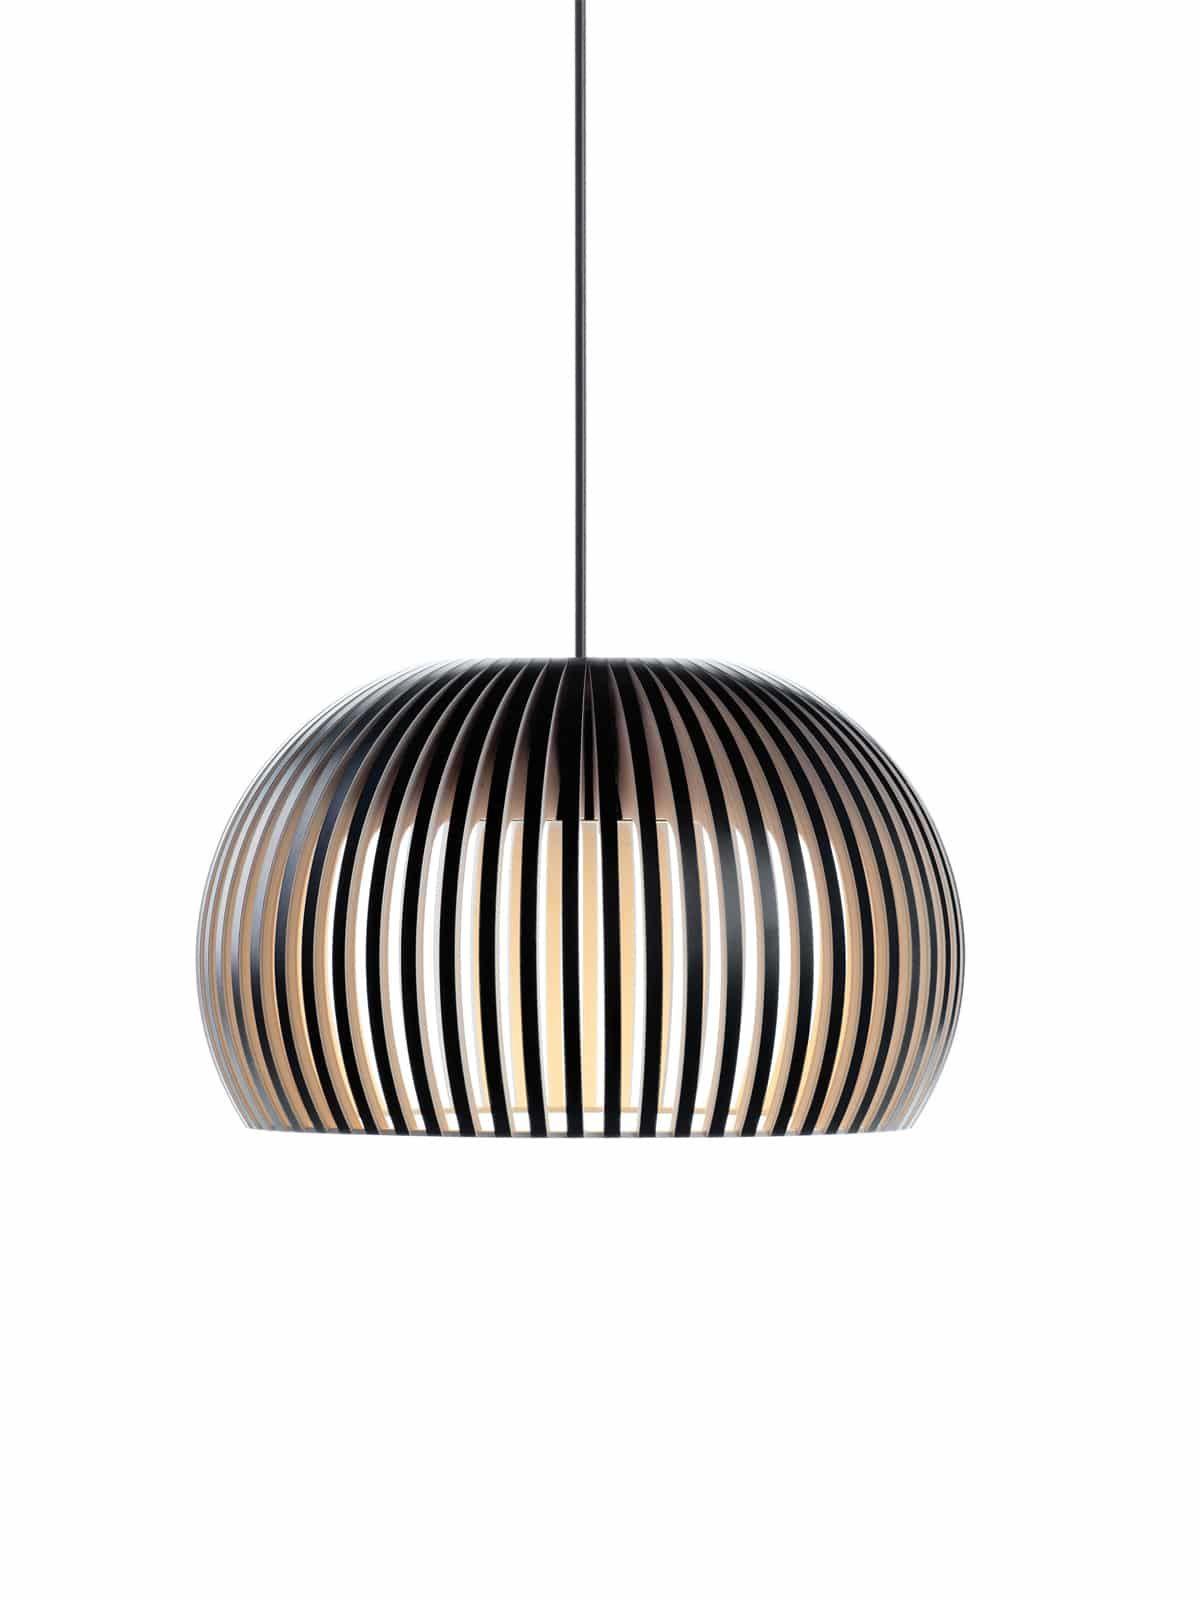 Atto 5000 Secto Design Designort Com In 2020 Birke Holz Leuchtstoffrohre Kuchendecken